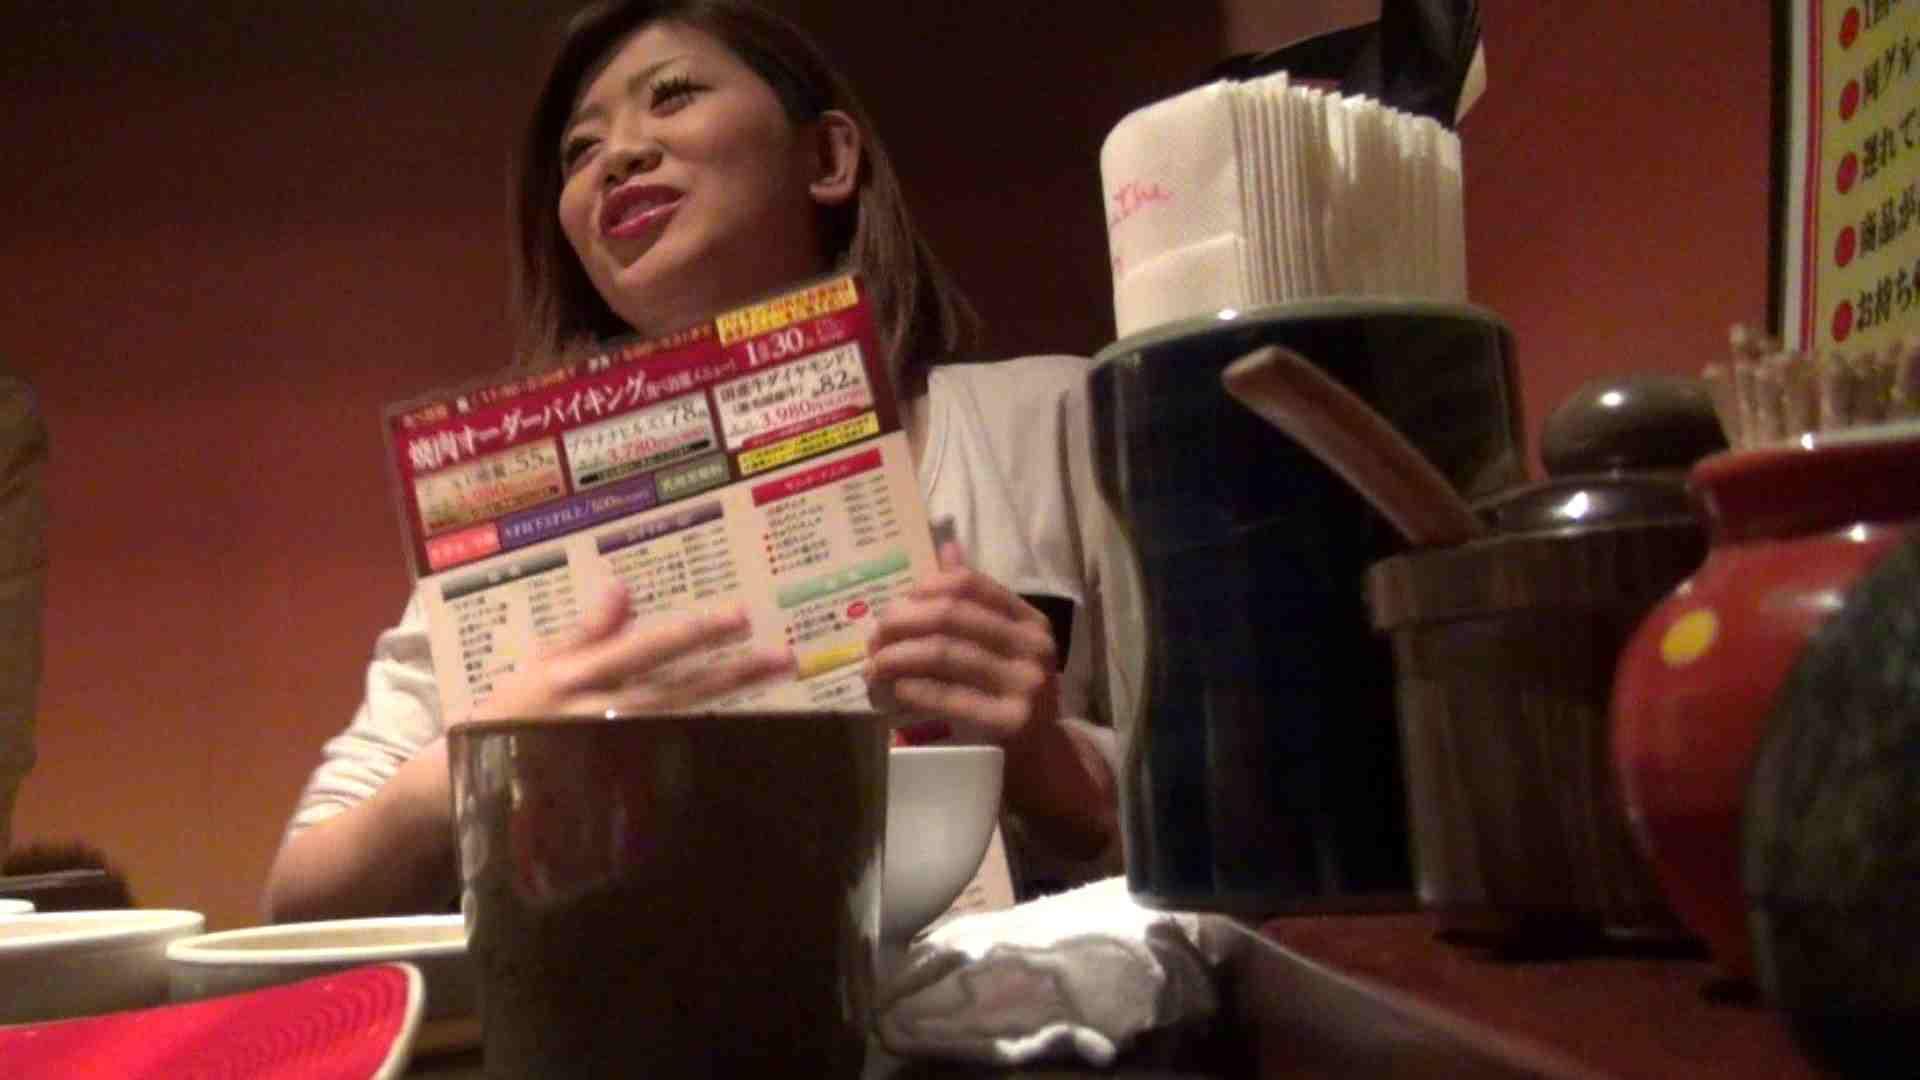 【出会い01】大助さんMちゃんと食事会 友人 | 悪戯  74連発 3